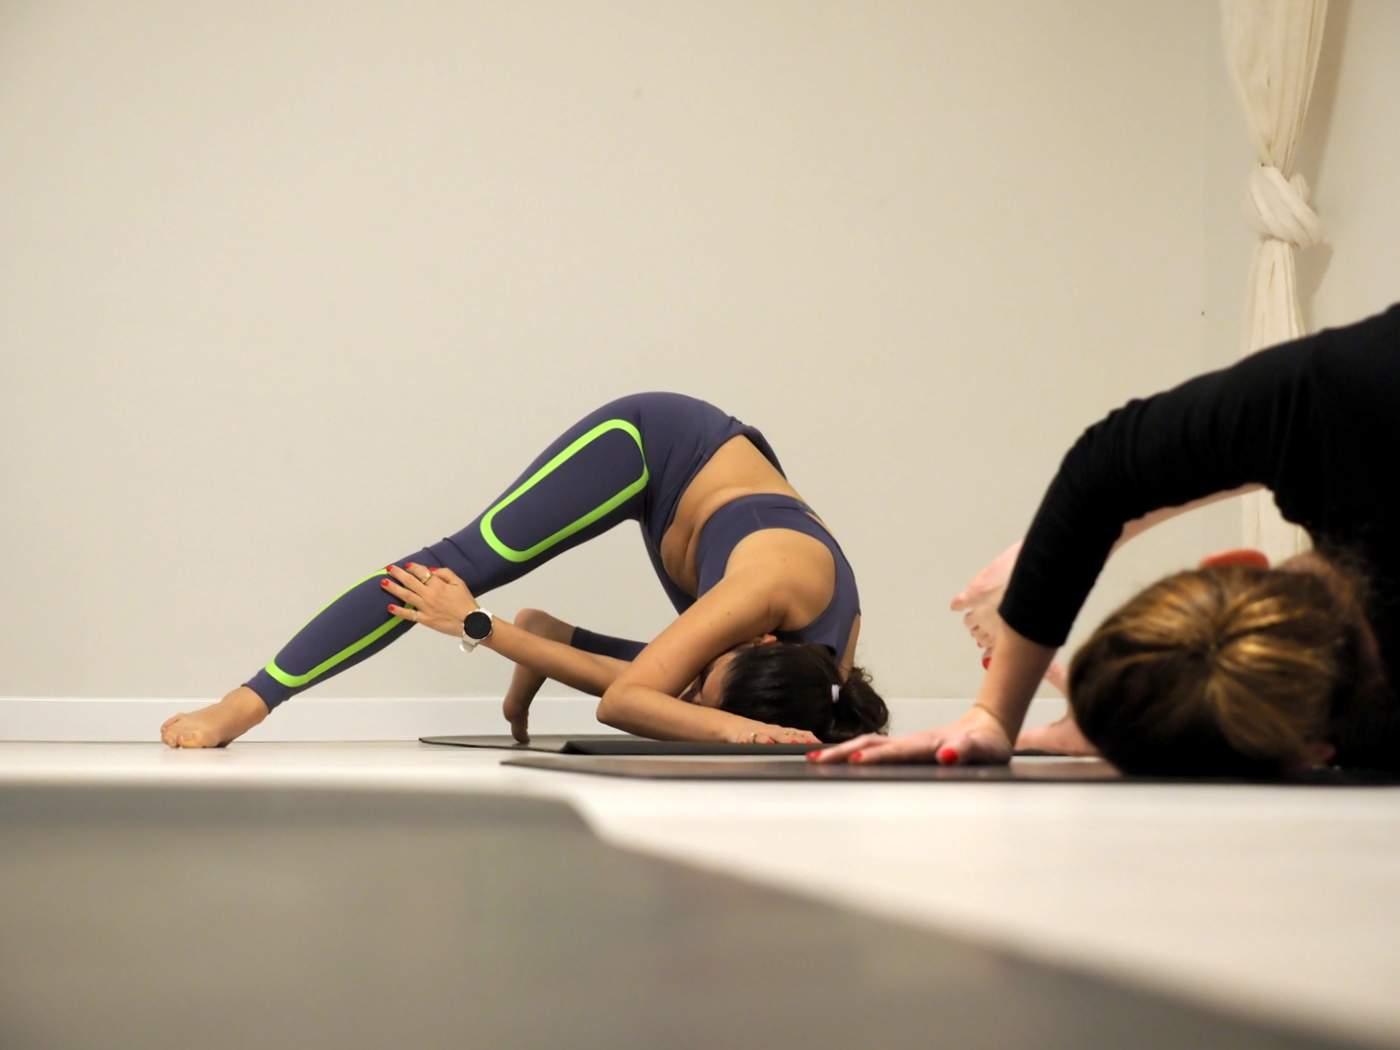 שרון אילון yogarun